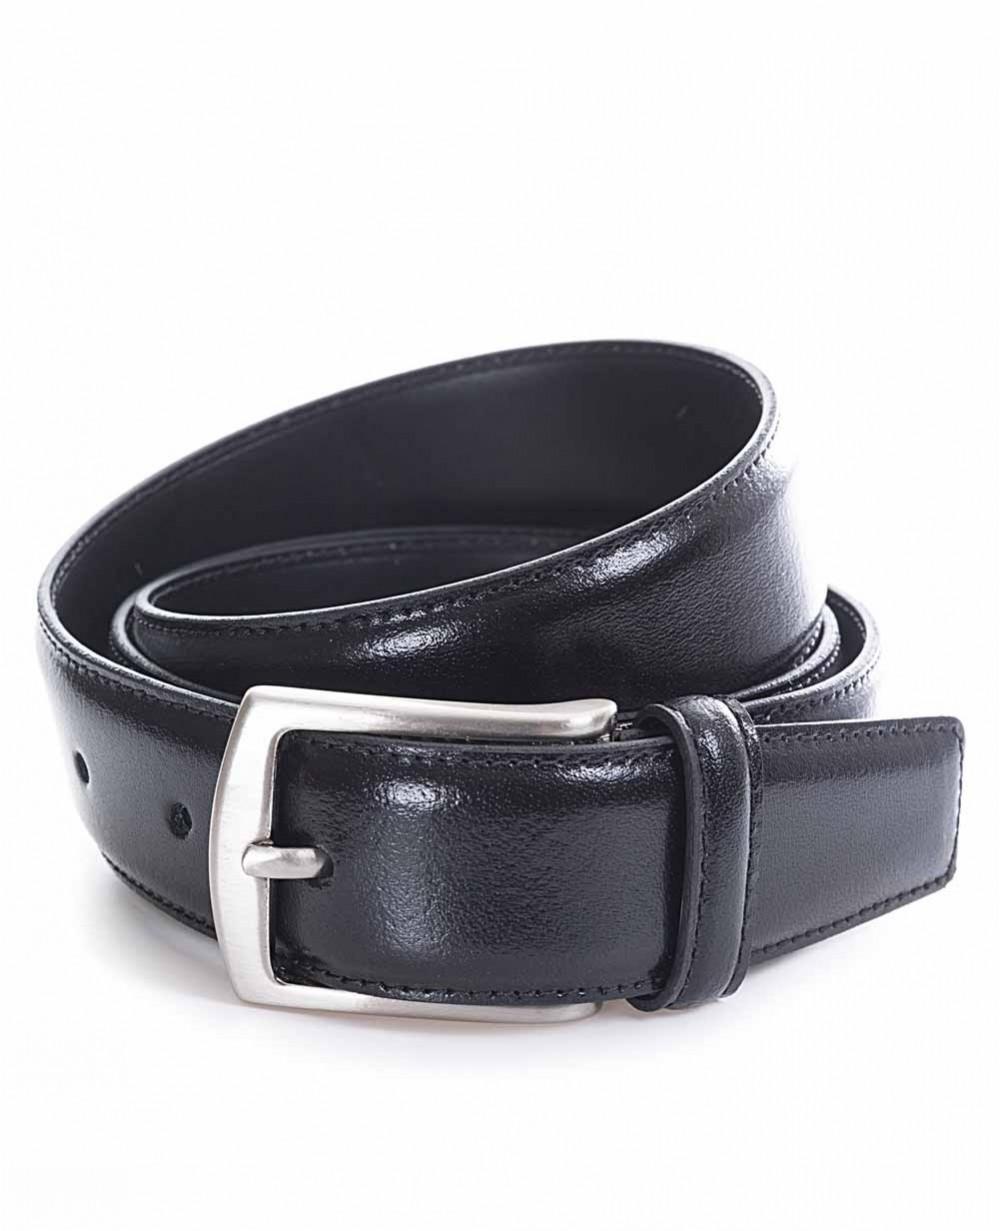 Miguel Bellido Cinturón clásico Piel Negro 90 (Foto )